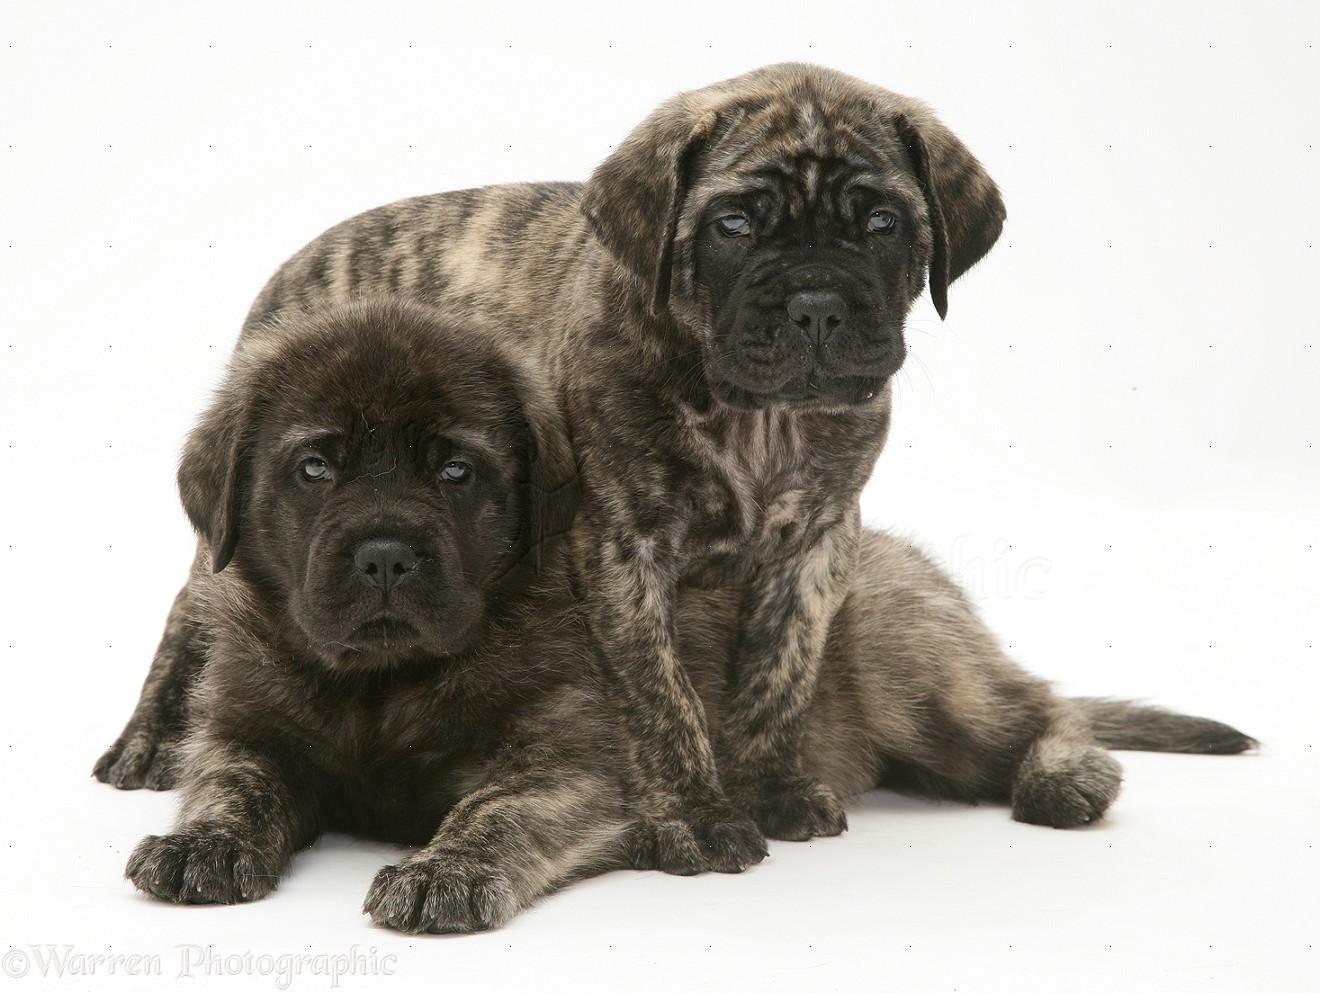 Dogs: Brindle English Mastiff pups photo - WP11668